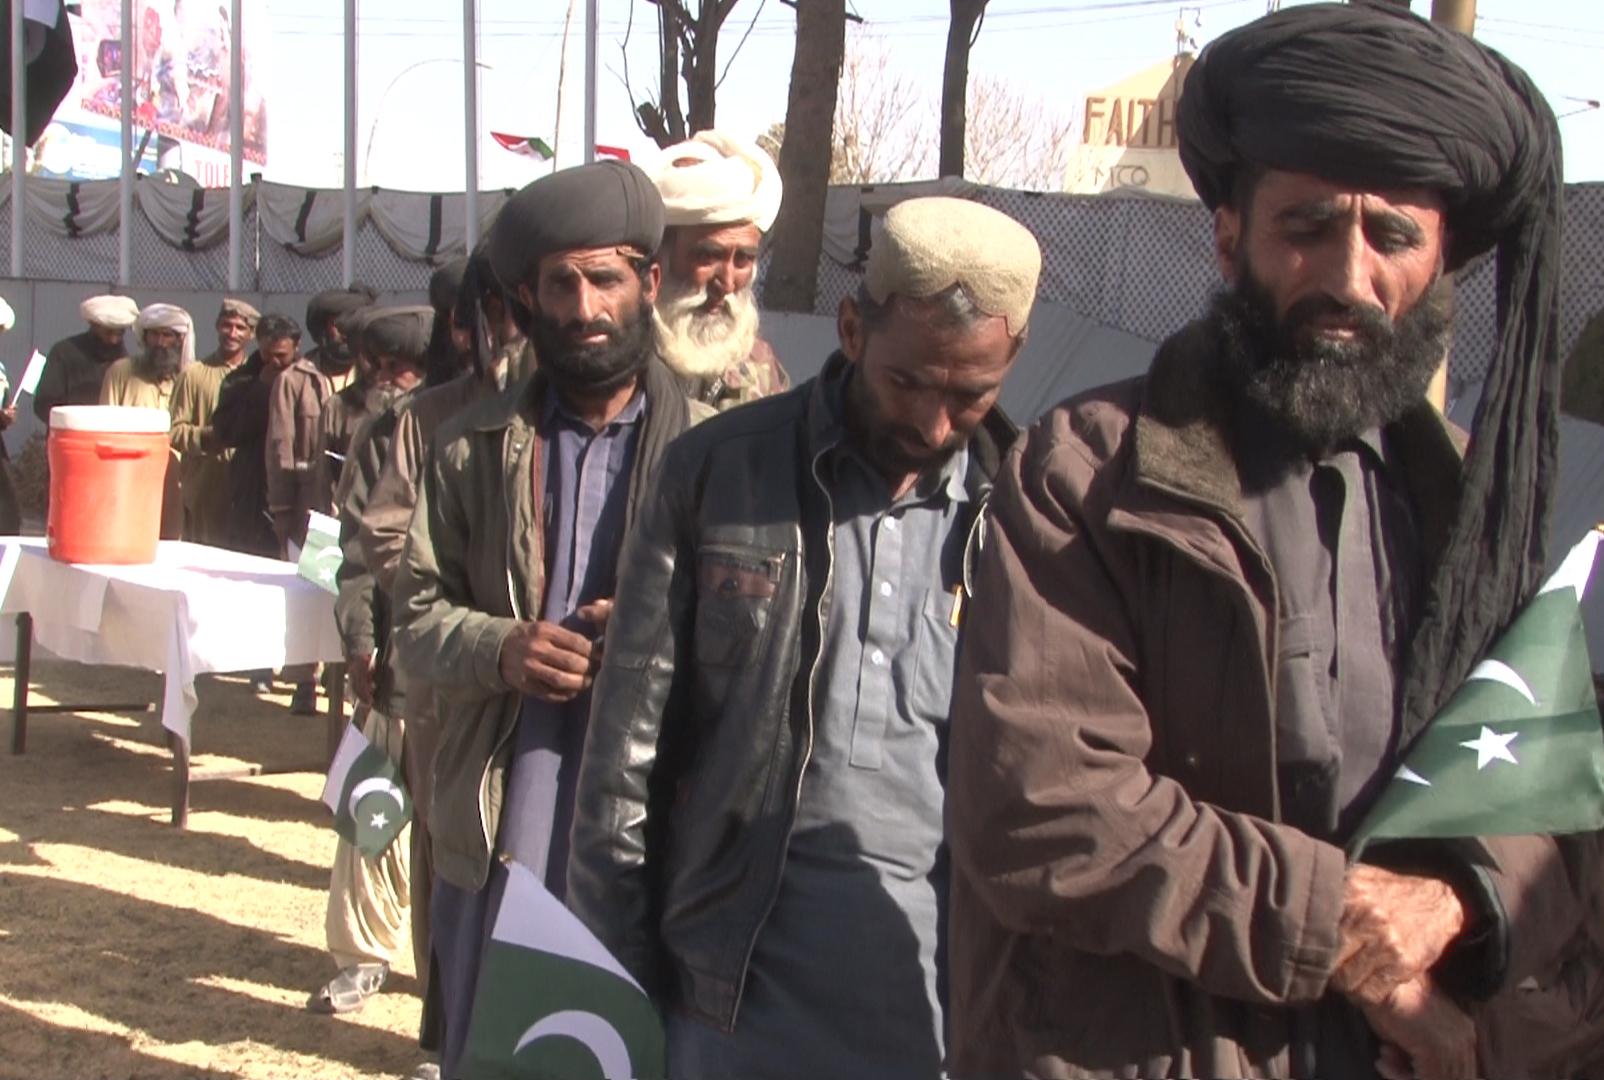 بلوچستان کے سینکڑوں عسکریت پسندوں نے یہ کہ کر ہتھیار ڈال دیے کہ 'ہمیں استعمال کیا گیا'